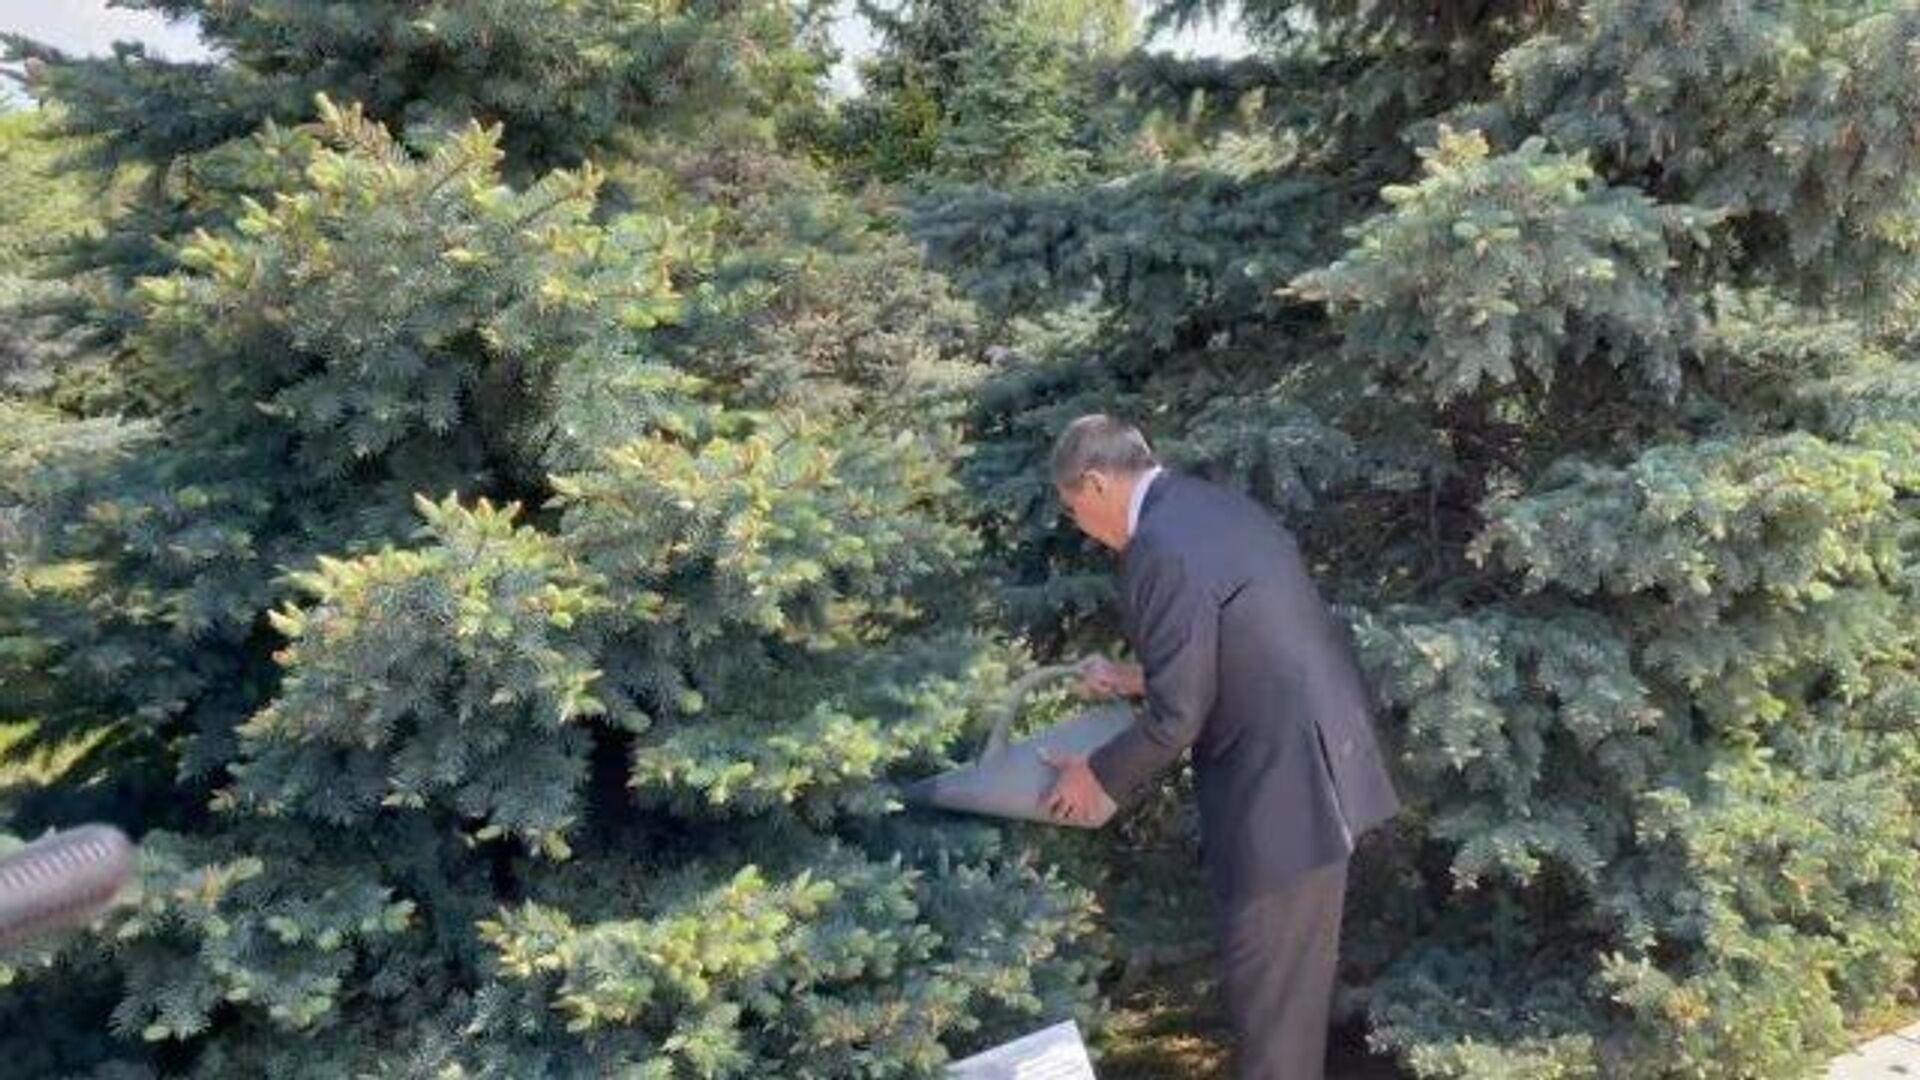 Лавров почтил память жертв геноцида армян в Ереване и полил посаженную им в 2007 году ель  - РИА Новости, 1920, 06.05.2021